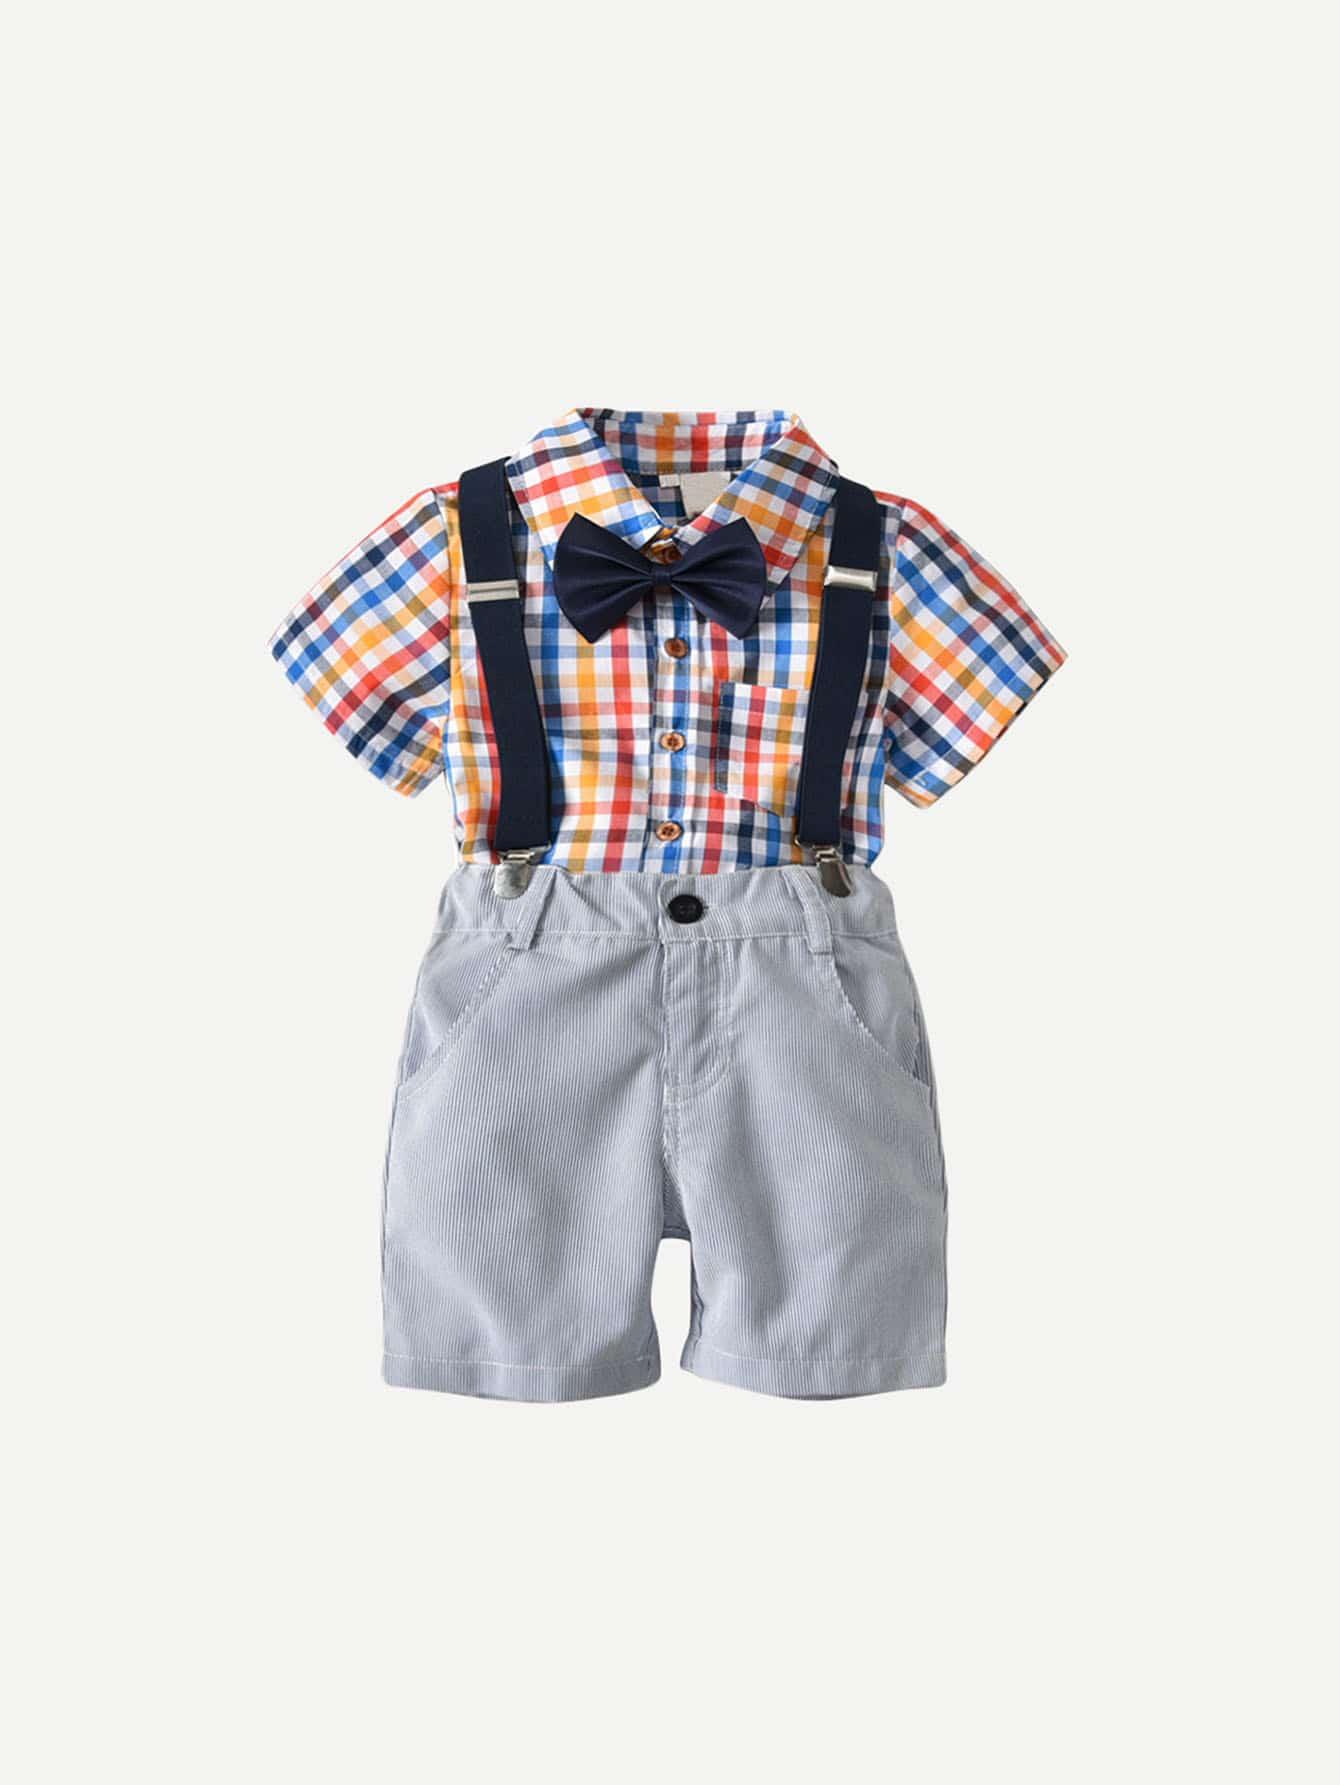 Клетчатая Рубашка Для Мальчиков С Комбинезоны